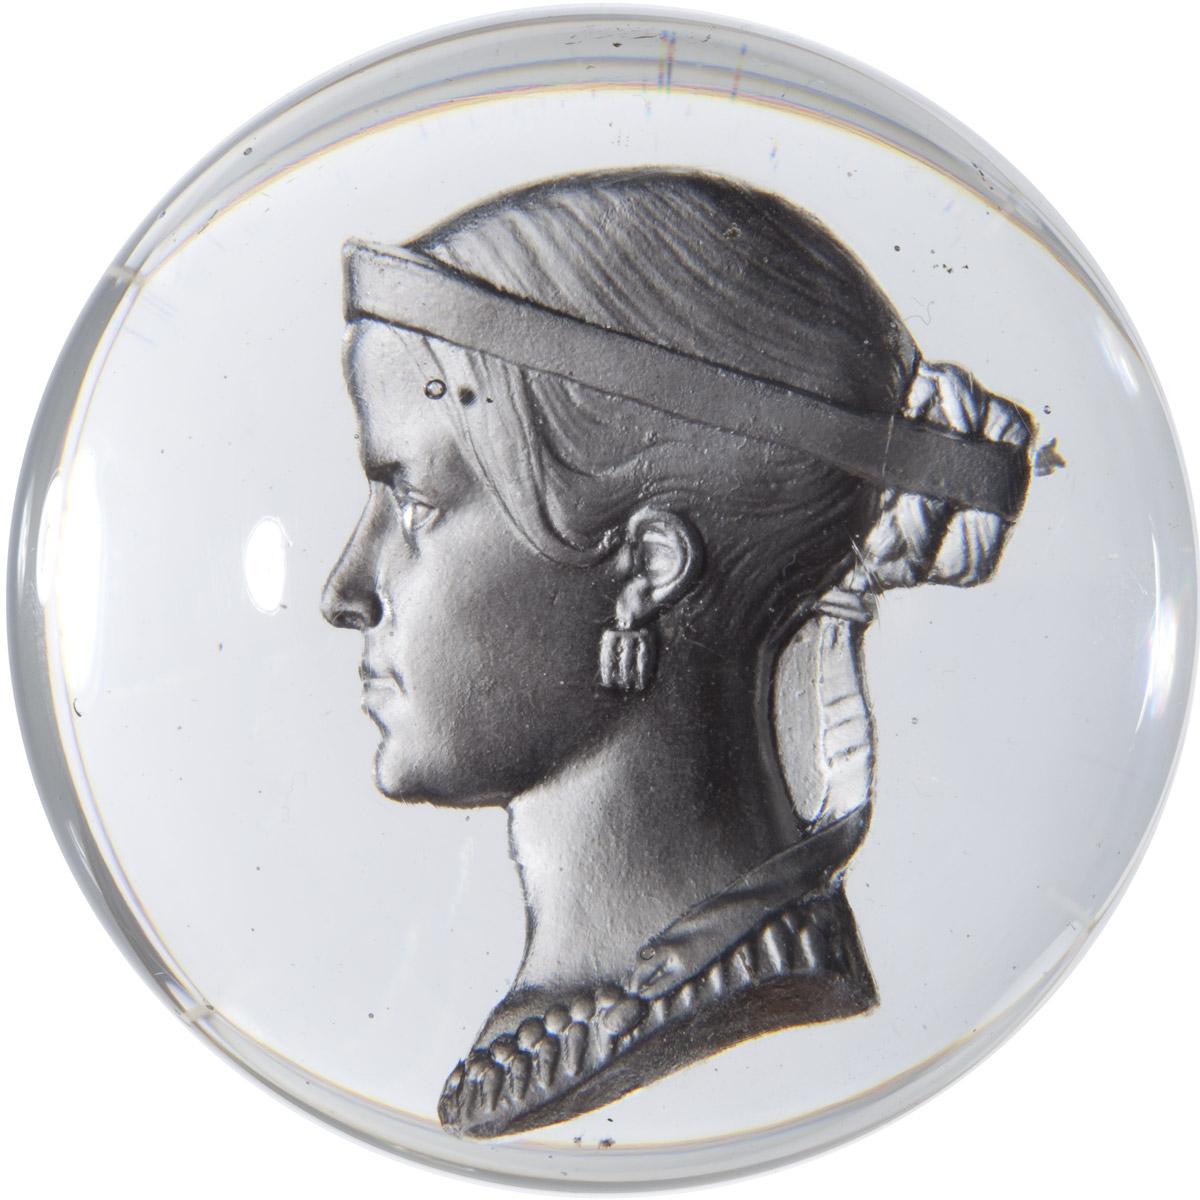 Boule sulfure avec portrait de Rachel - Patrimoine Charles-André COLONNA WALEWSKI, en ligne directe de Napoléon